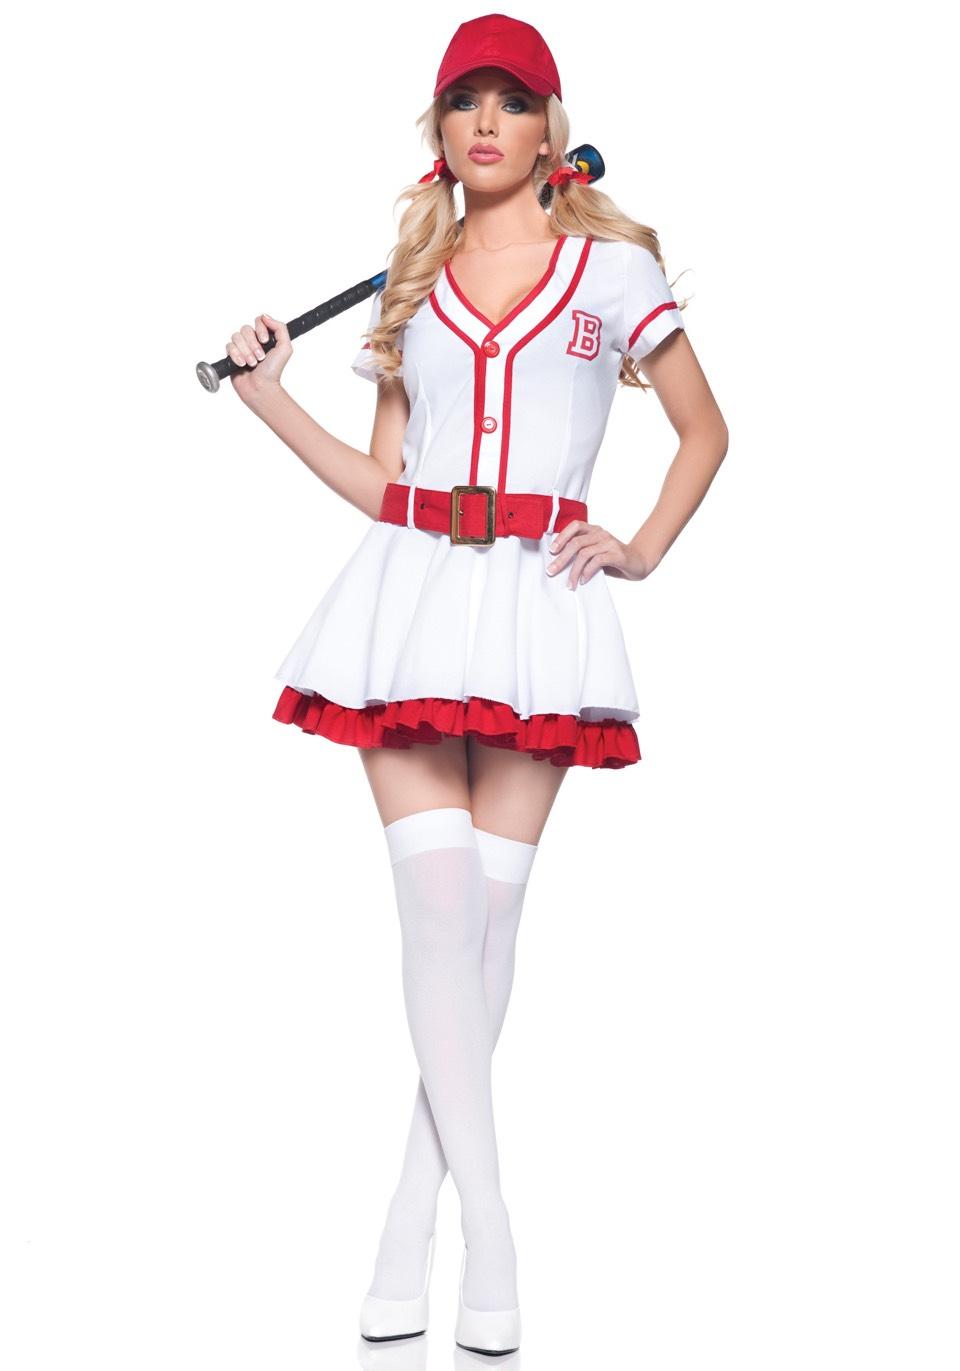 5. Baseball player